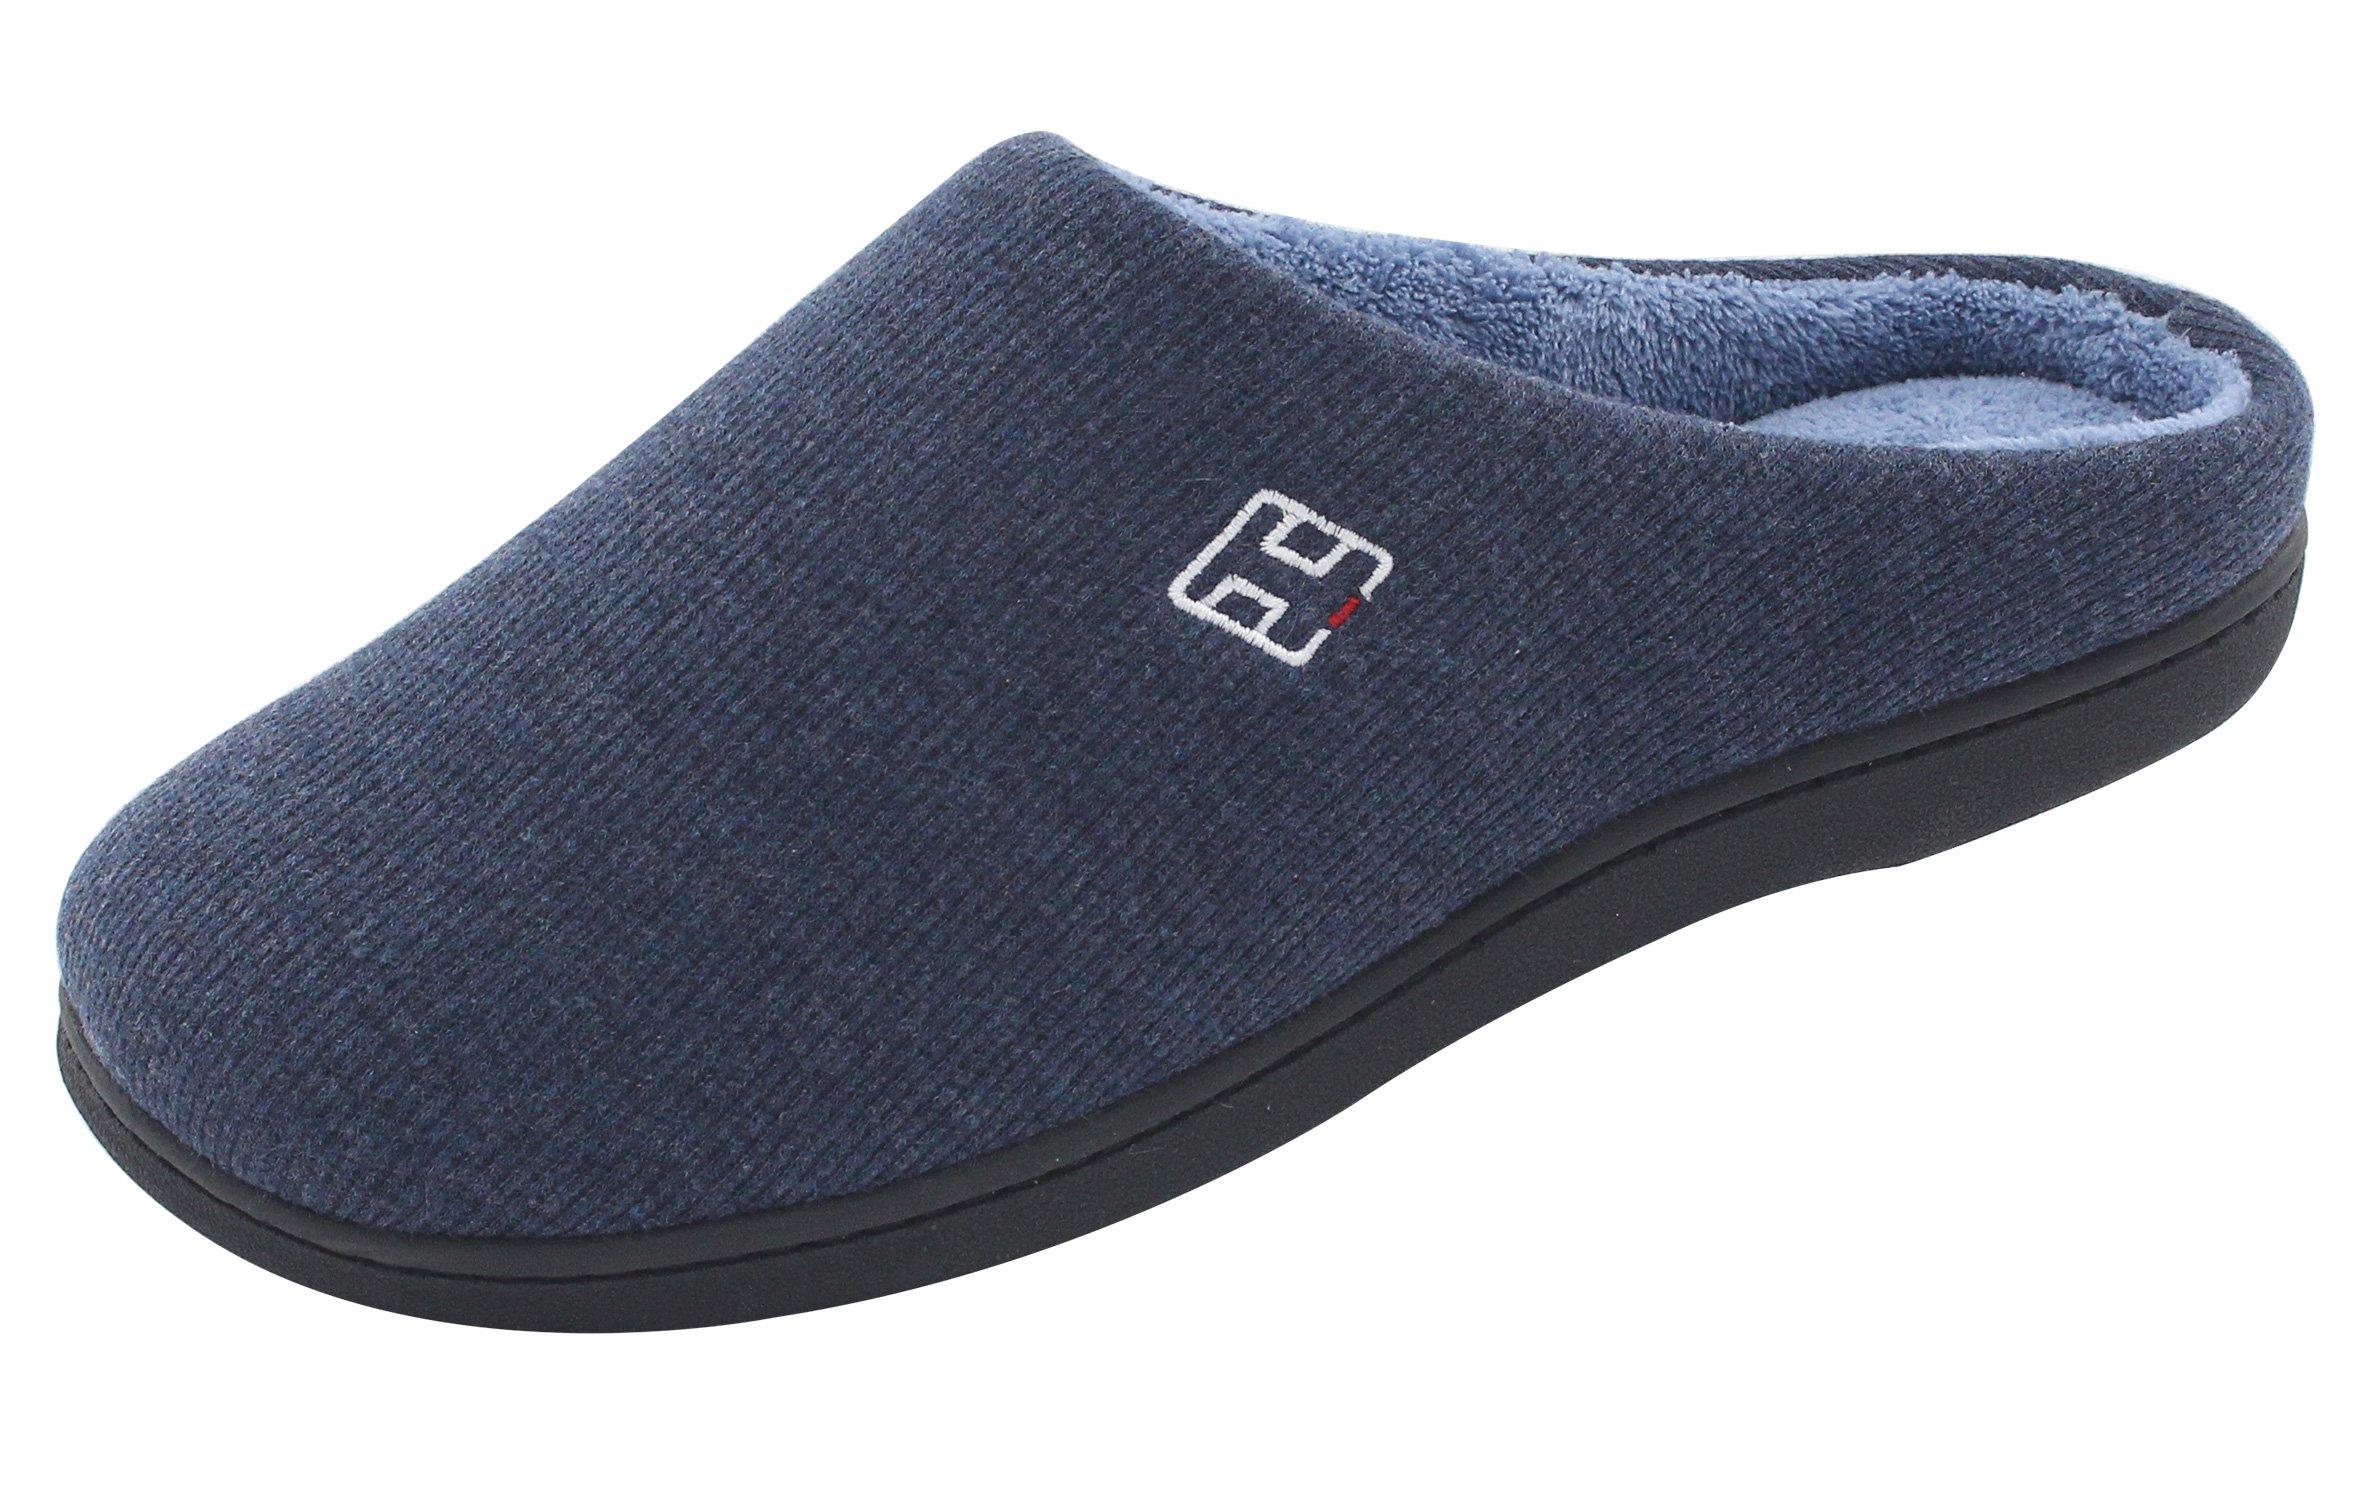 HomeIdeas Men's Cotton Memory Foam Anti-Slip Slip On House Slippers (Medium / 9-10 D(M) US, Navy Blue)